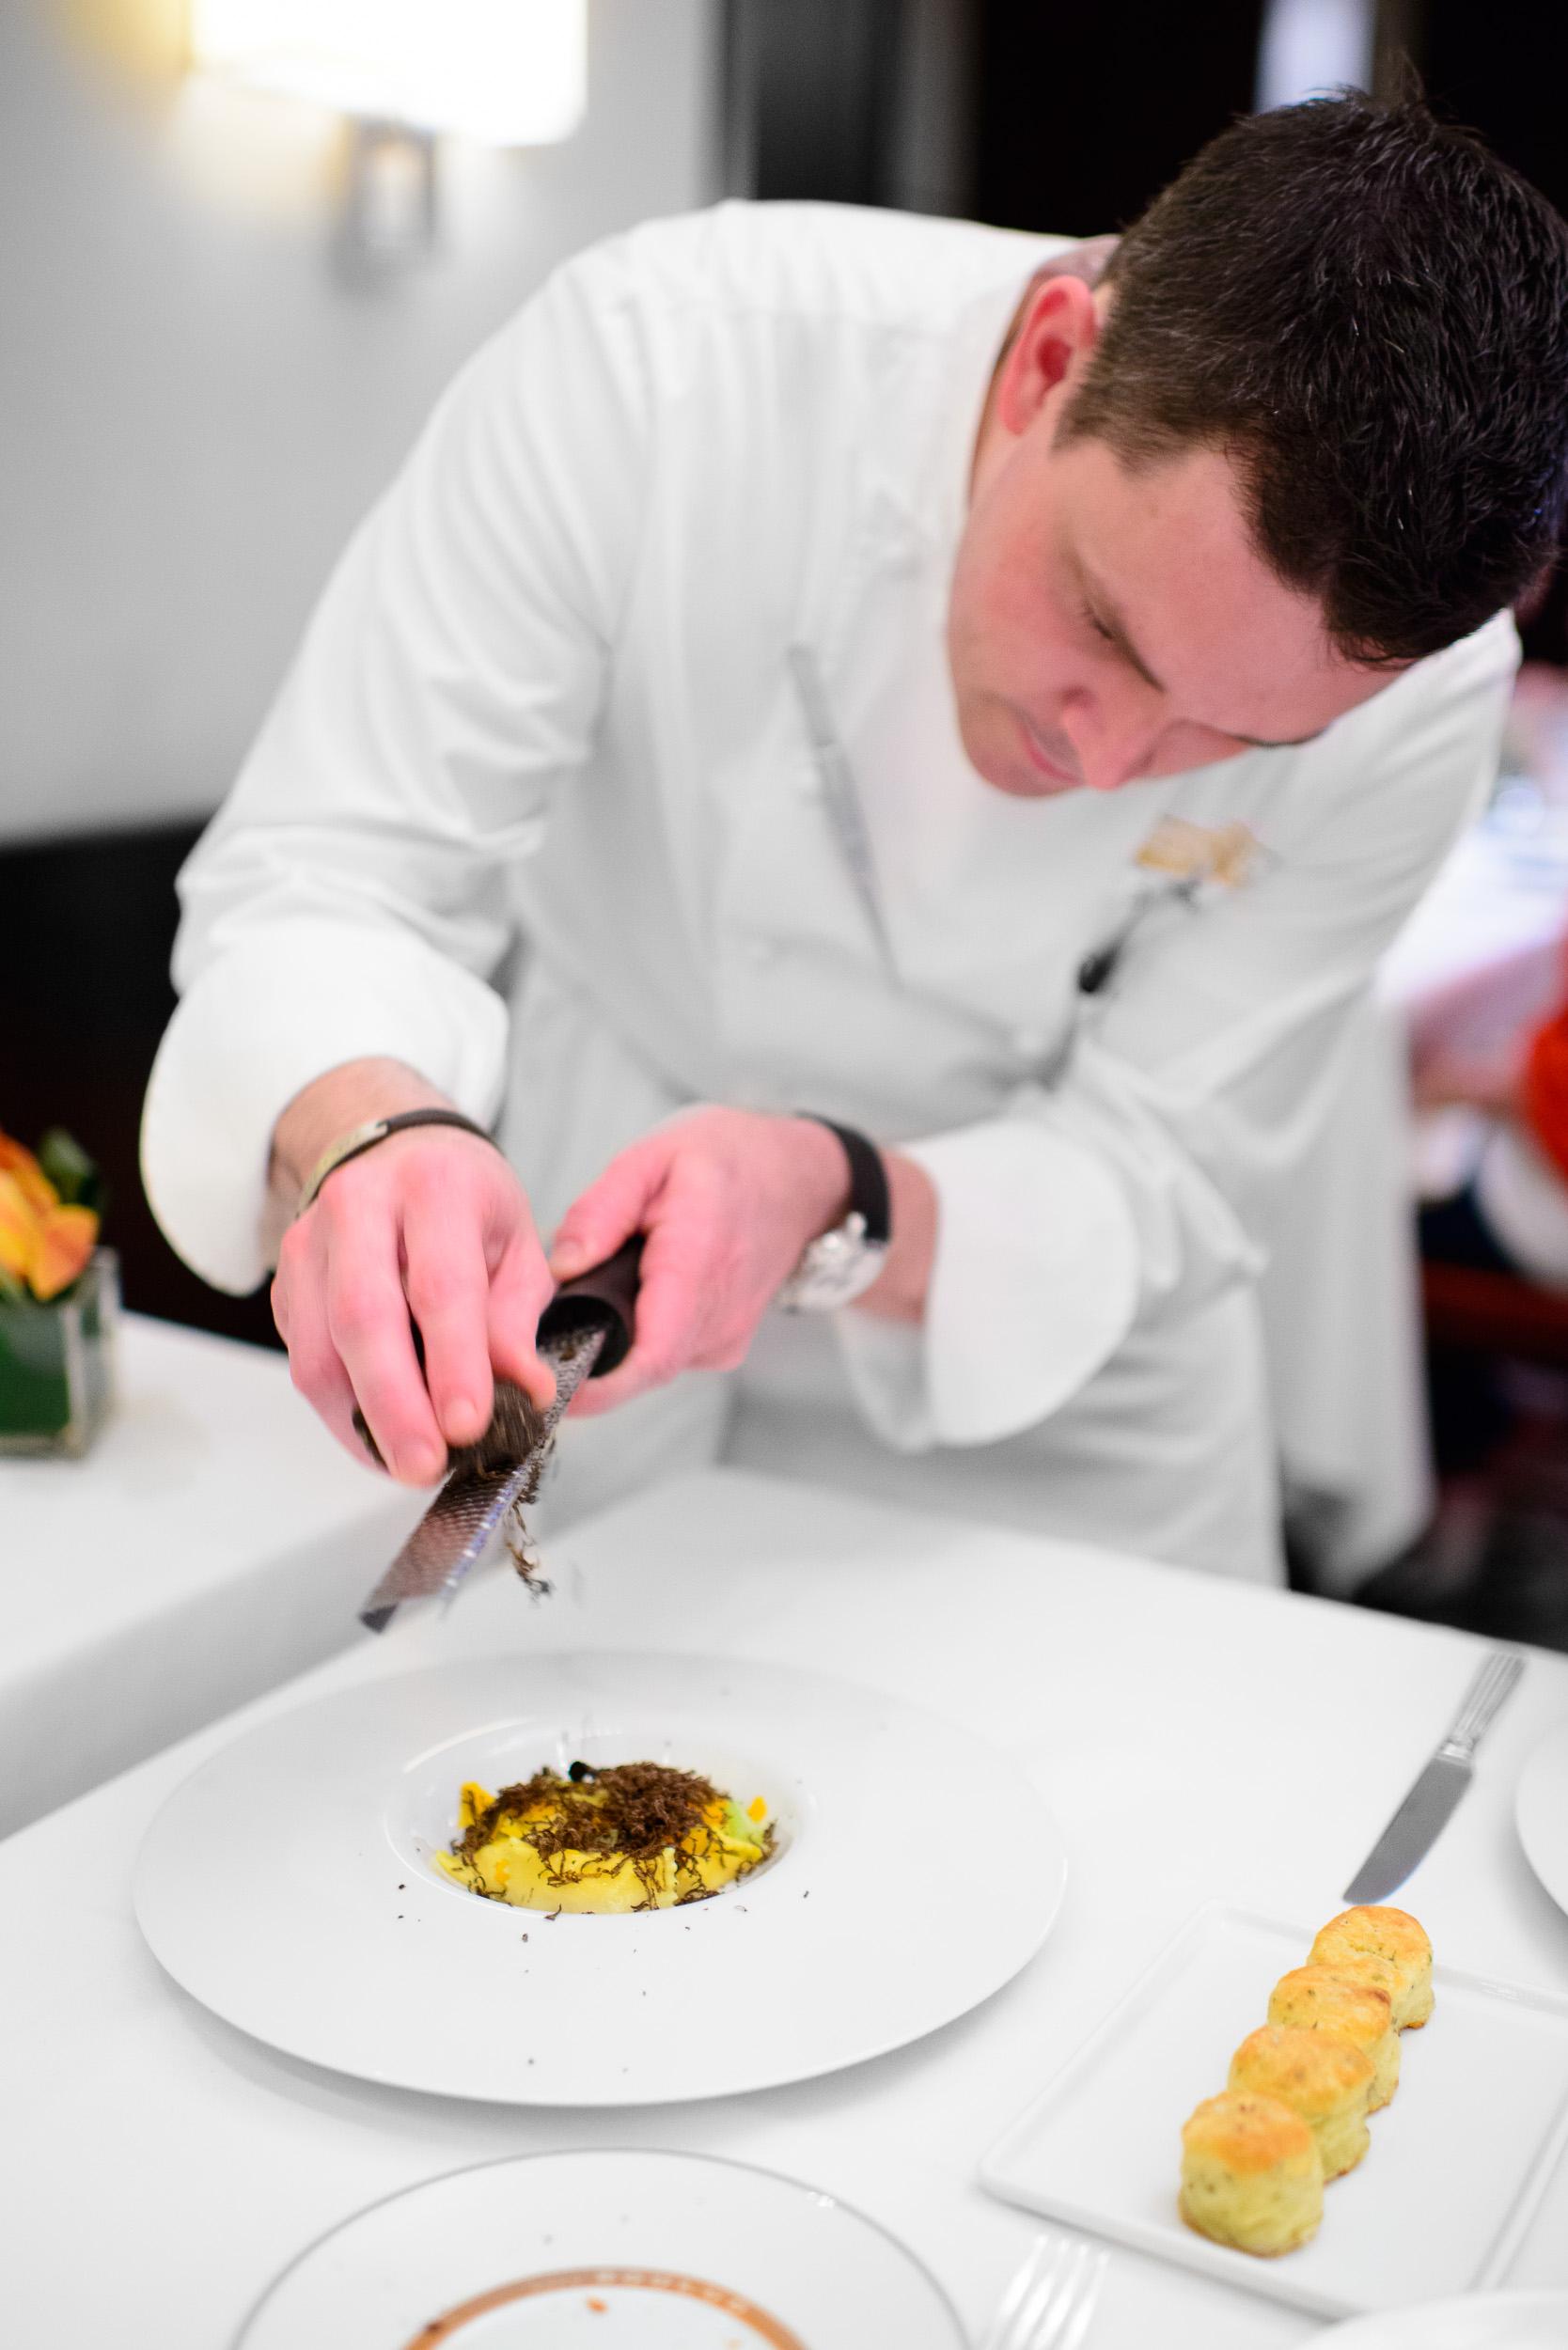 Chef Gavin Kaysen shaving black truffle over the celery root agn